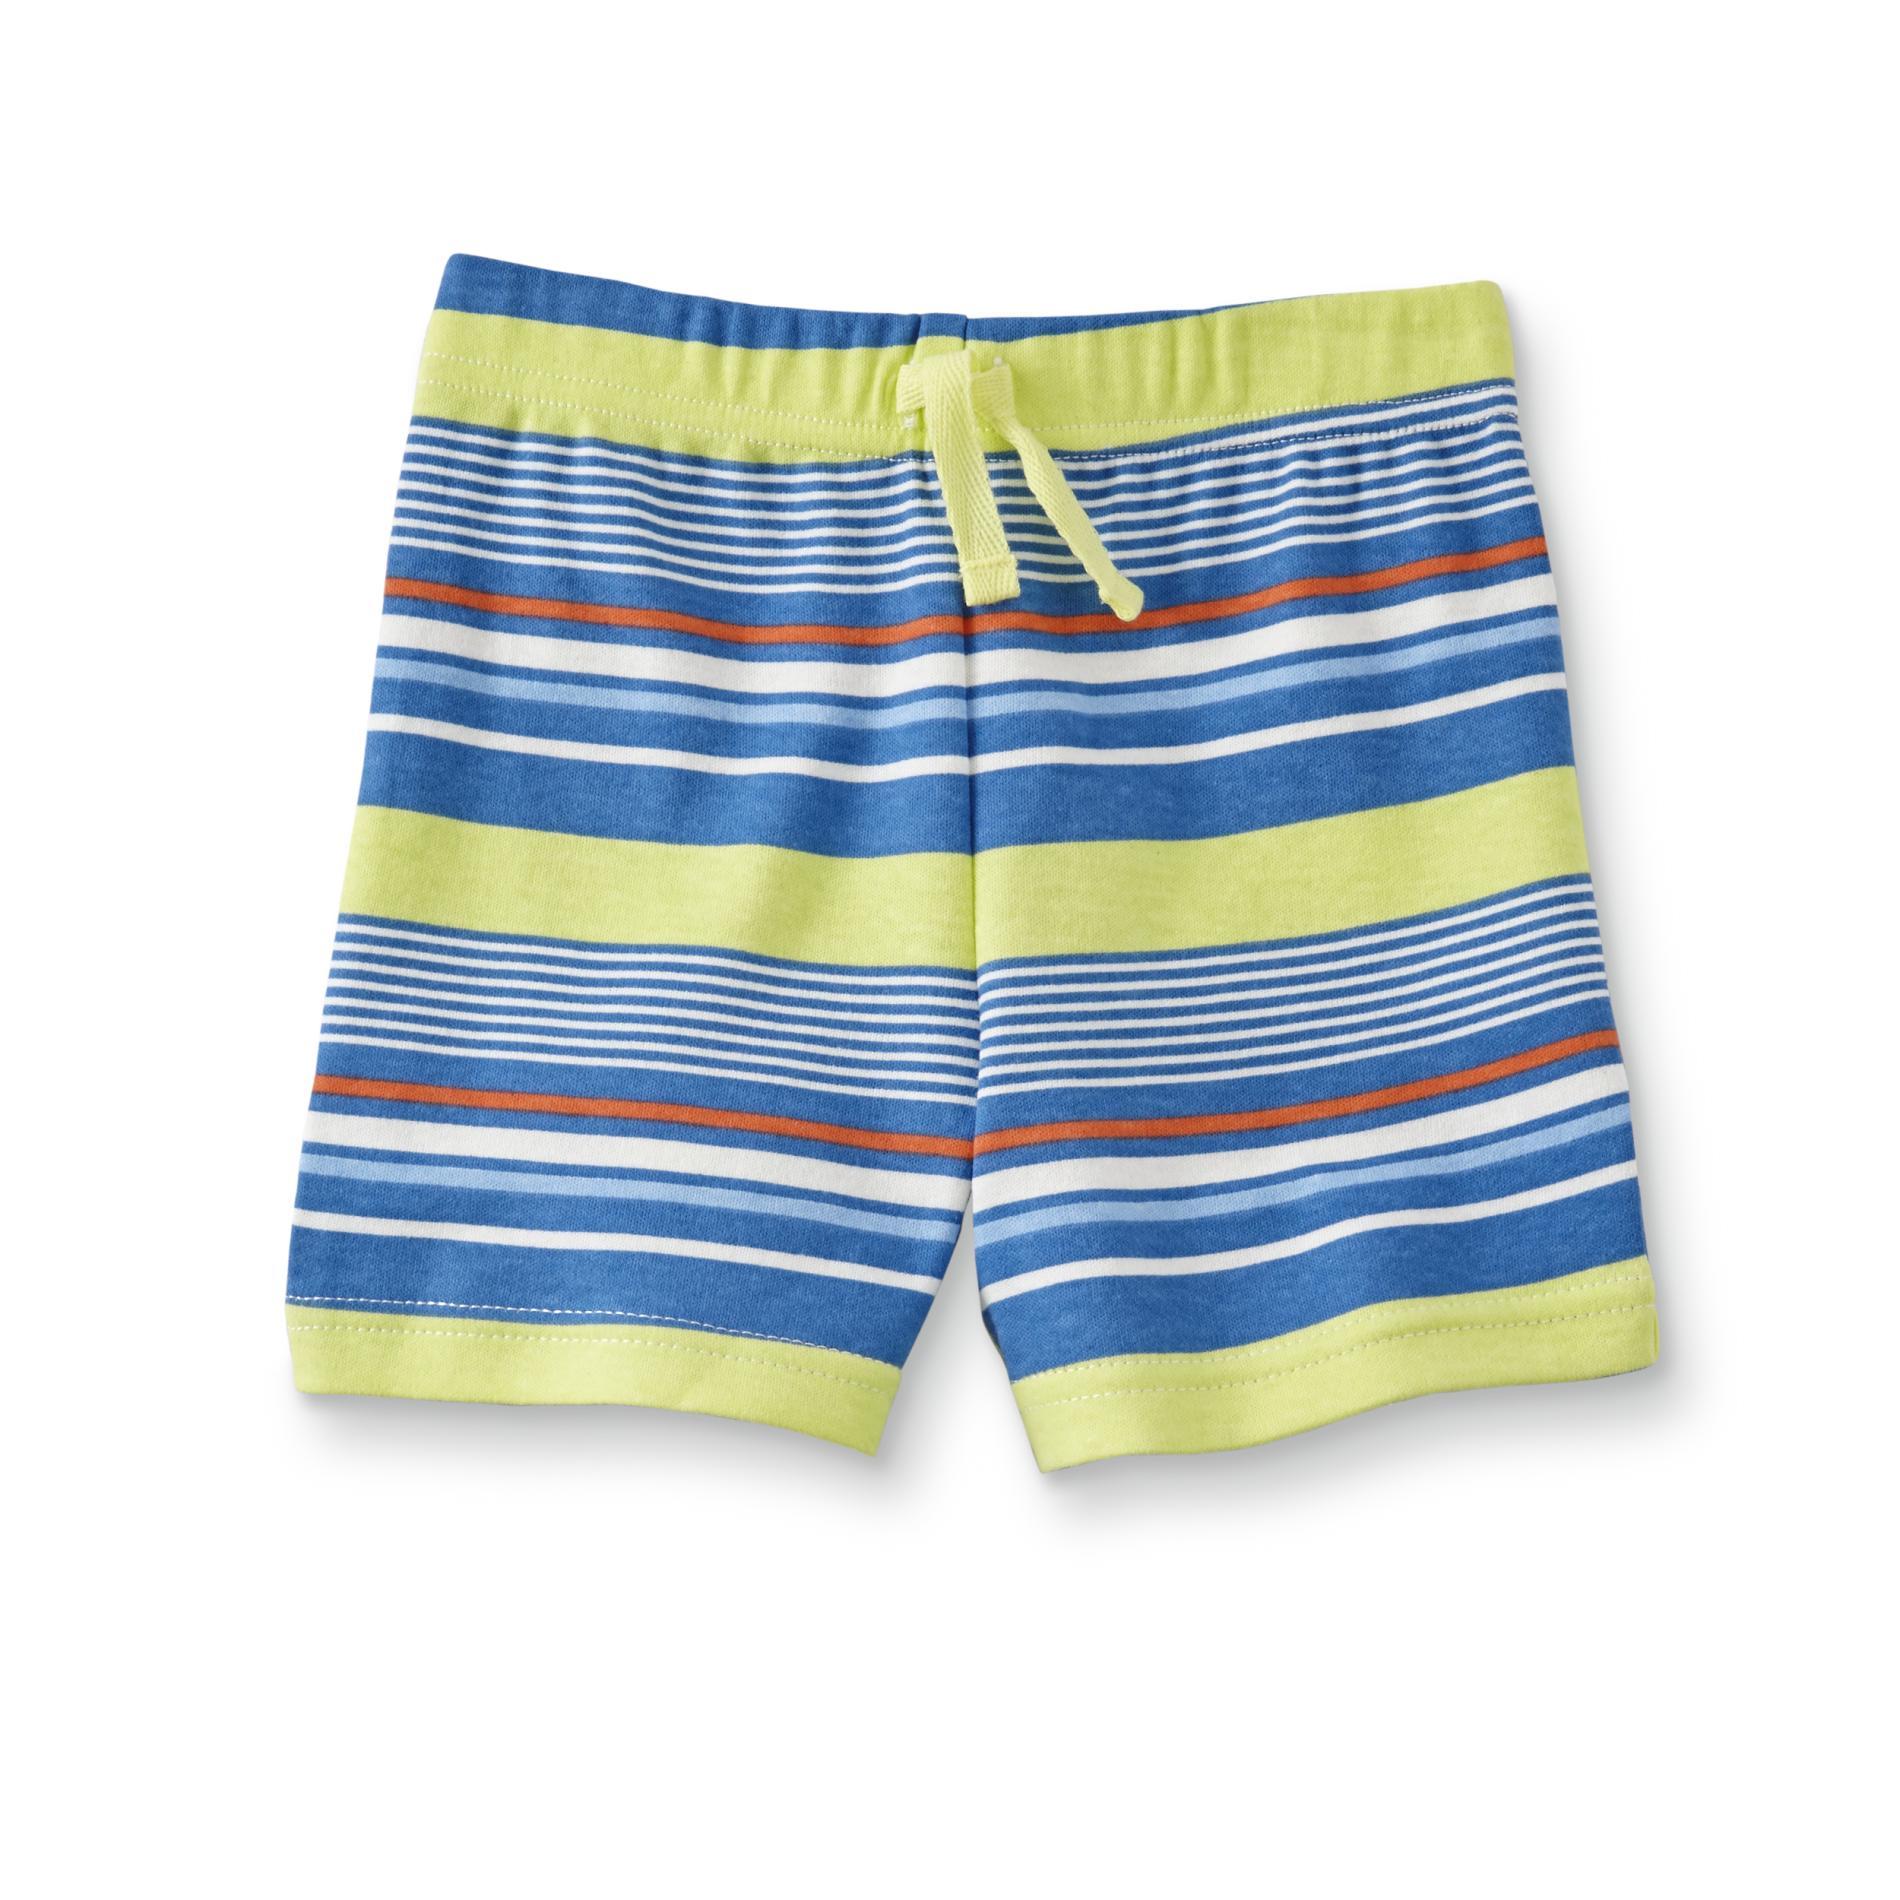 Little Wonders Infants' Shorts - Striped PartNumber: A018392337 MfgPartNumber: BU8LW20051NWK